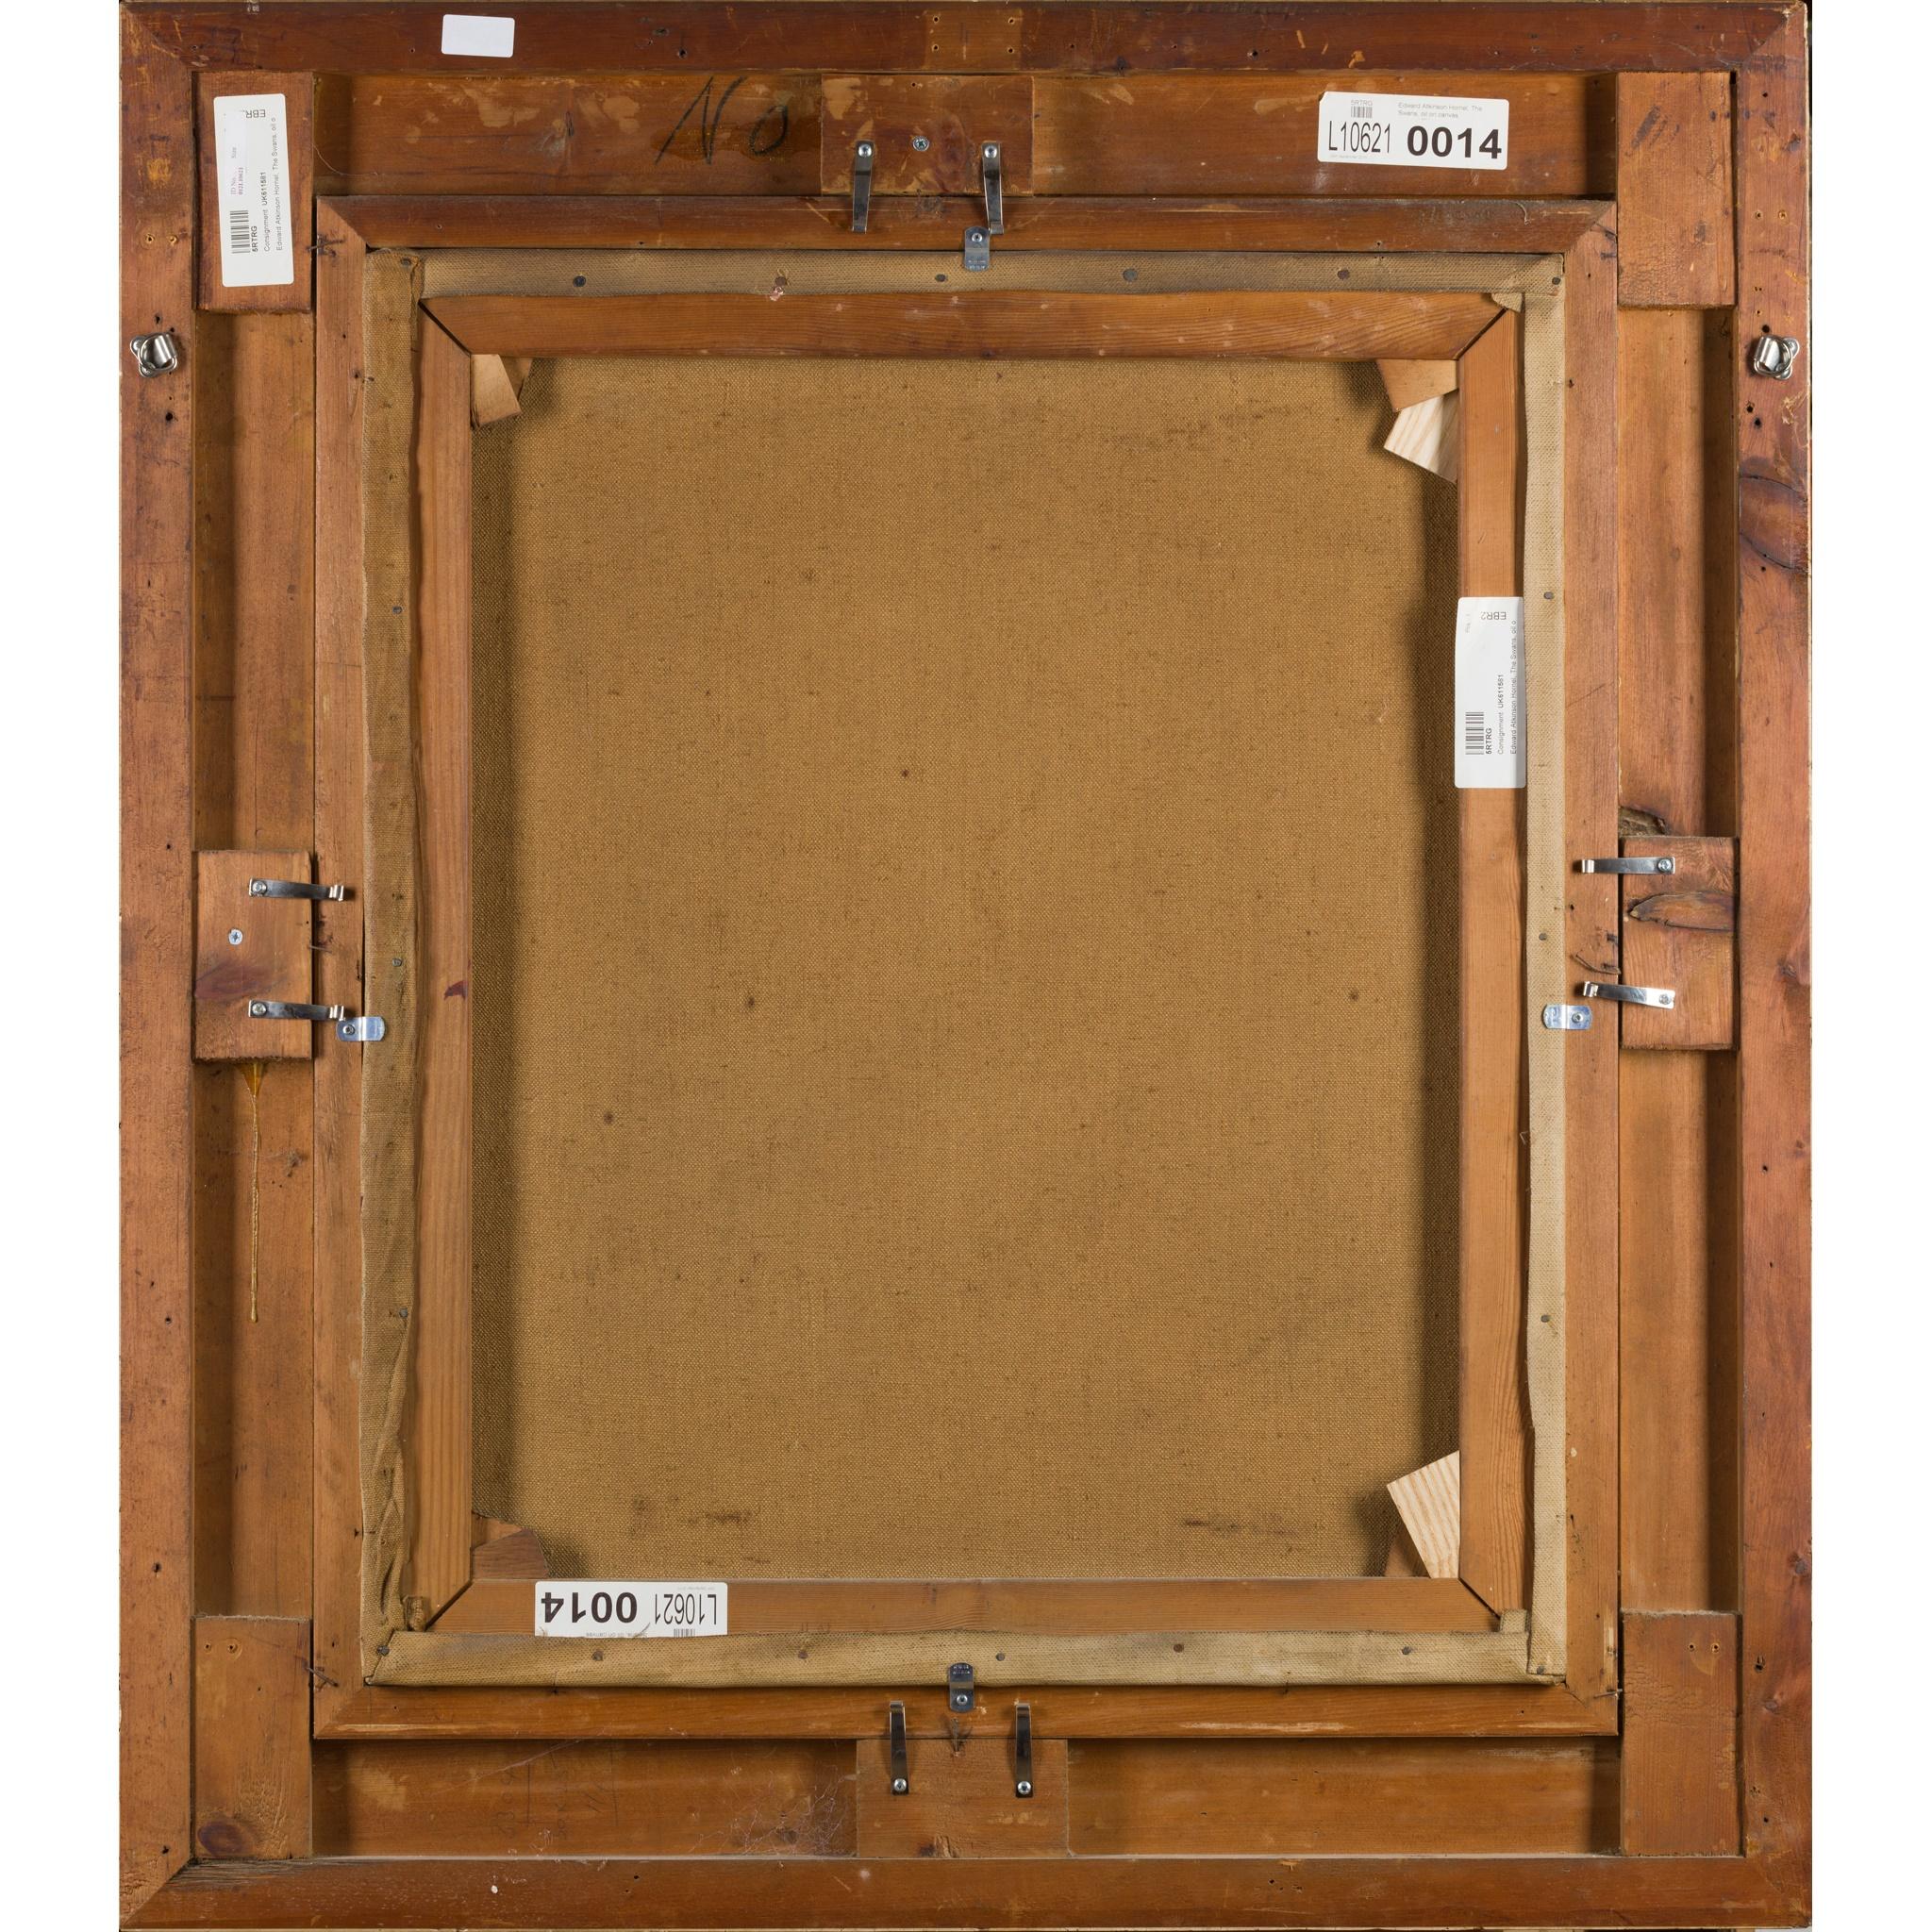 EDWARD ATKINSON HORNEL (SCOTTISH 1864-1933) SWAN LAKE - Image 3 of 3